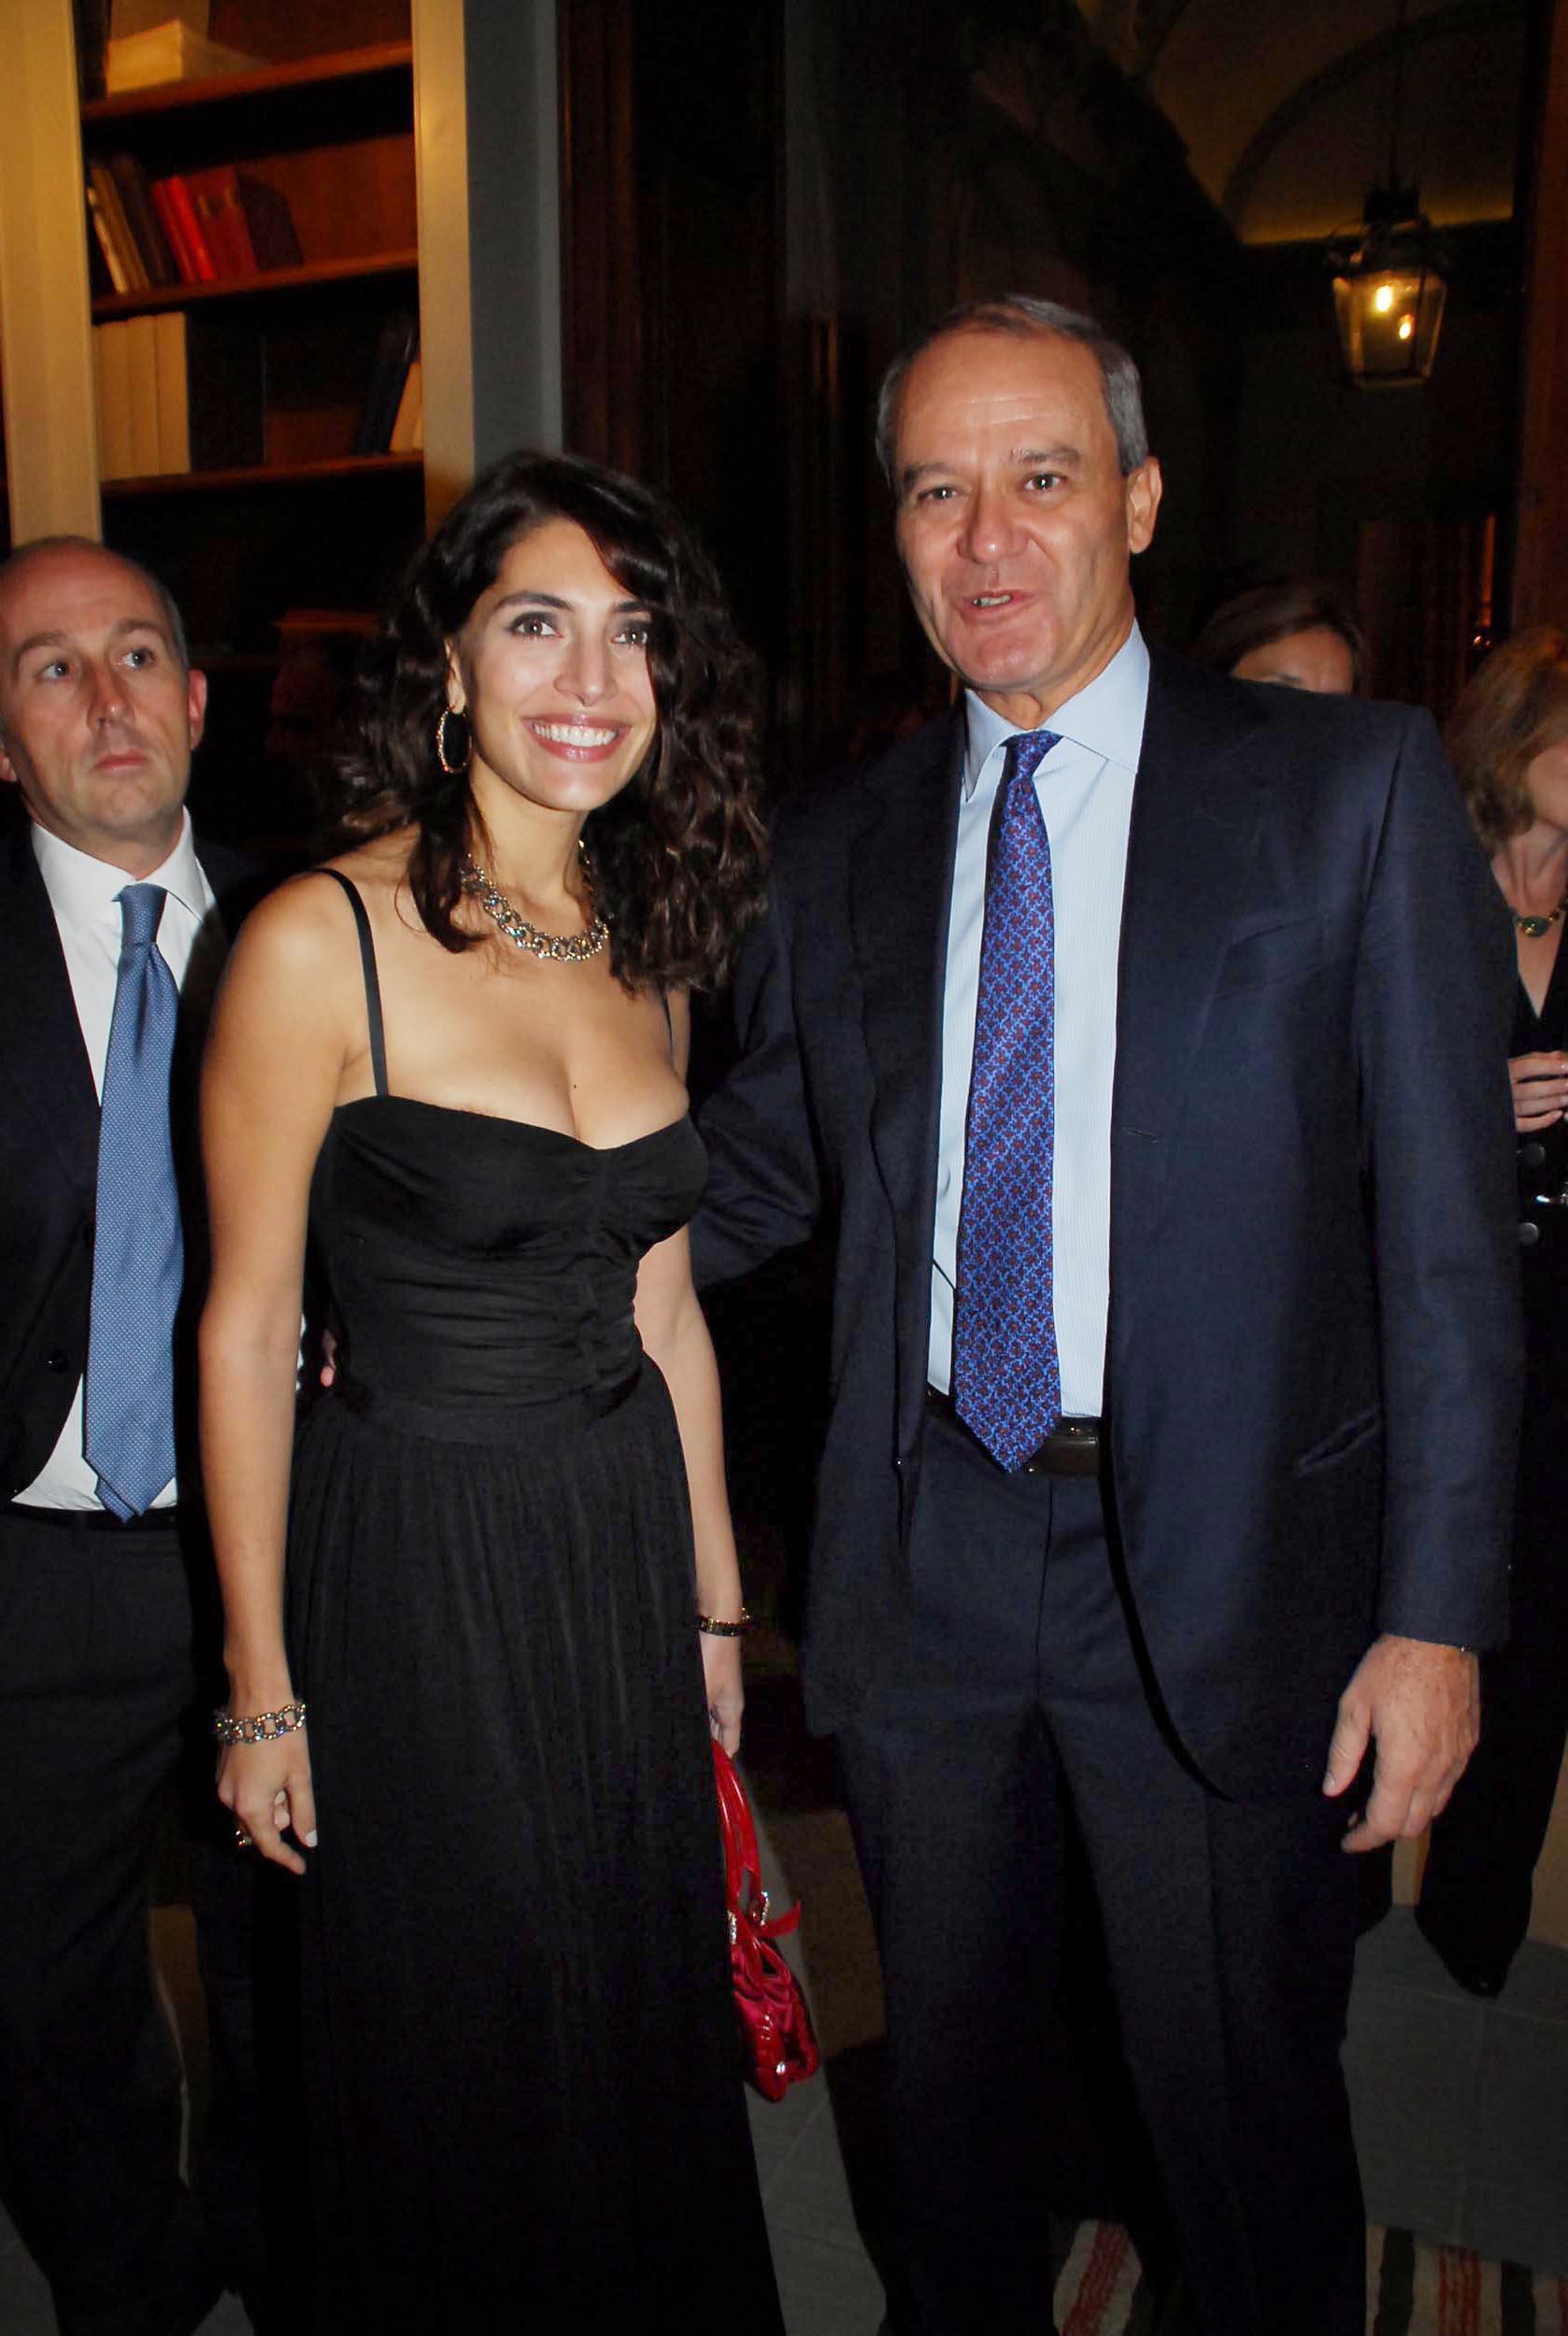 PRESSPHOTO Firenze, Cinema Odeon, Renzi assegna il Fiorino d'oro a Charles Aznavour, segue cena di gala a Palazzo Tornabuoni. In foto Caterina Murino con Jacopo Mazzei